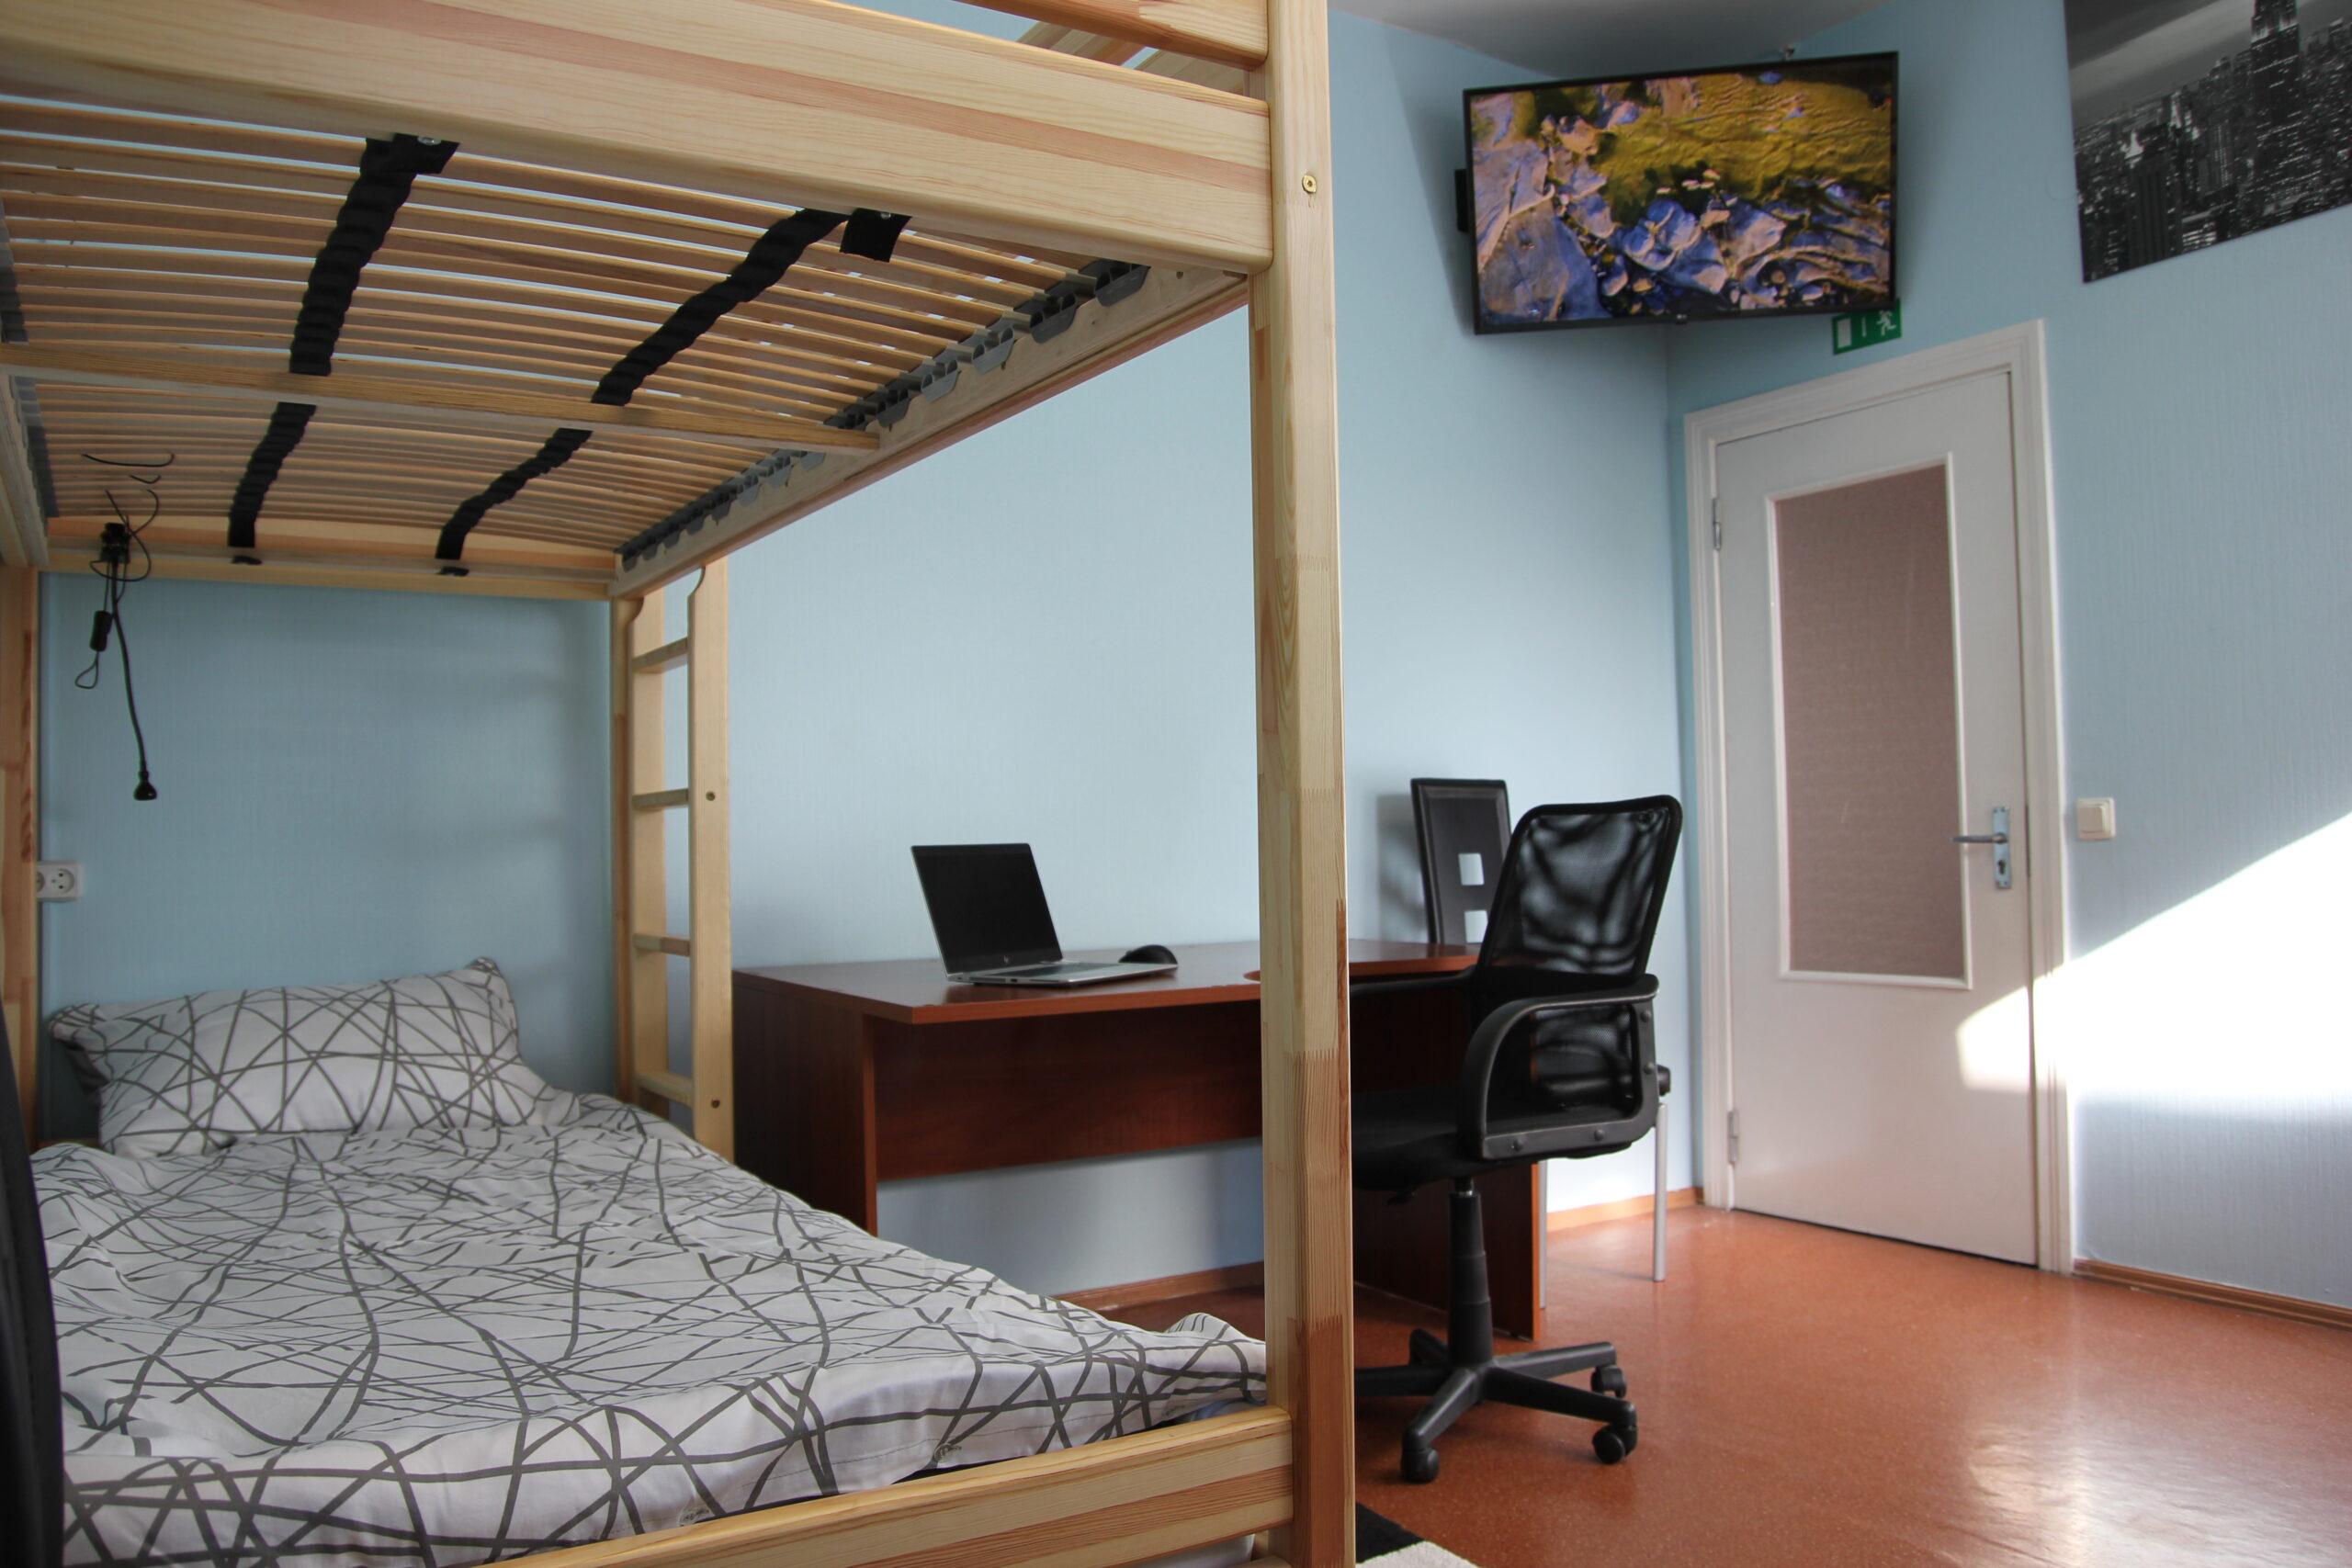 HOSTELJELGAVA.LV-BLUE LAGOON-Central hostel jelgava-Hostelis Jelgava-naktsmītne Jelgavā.5